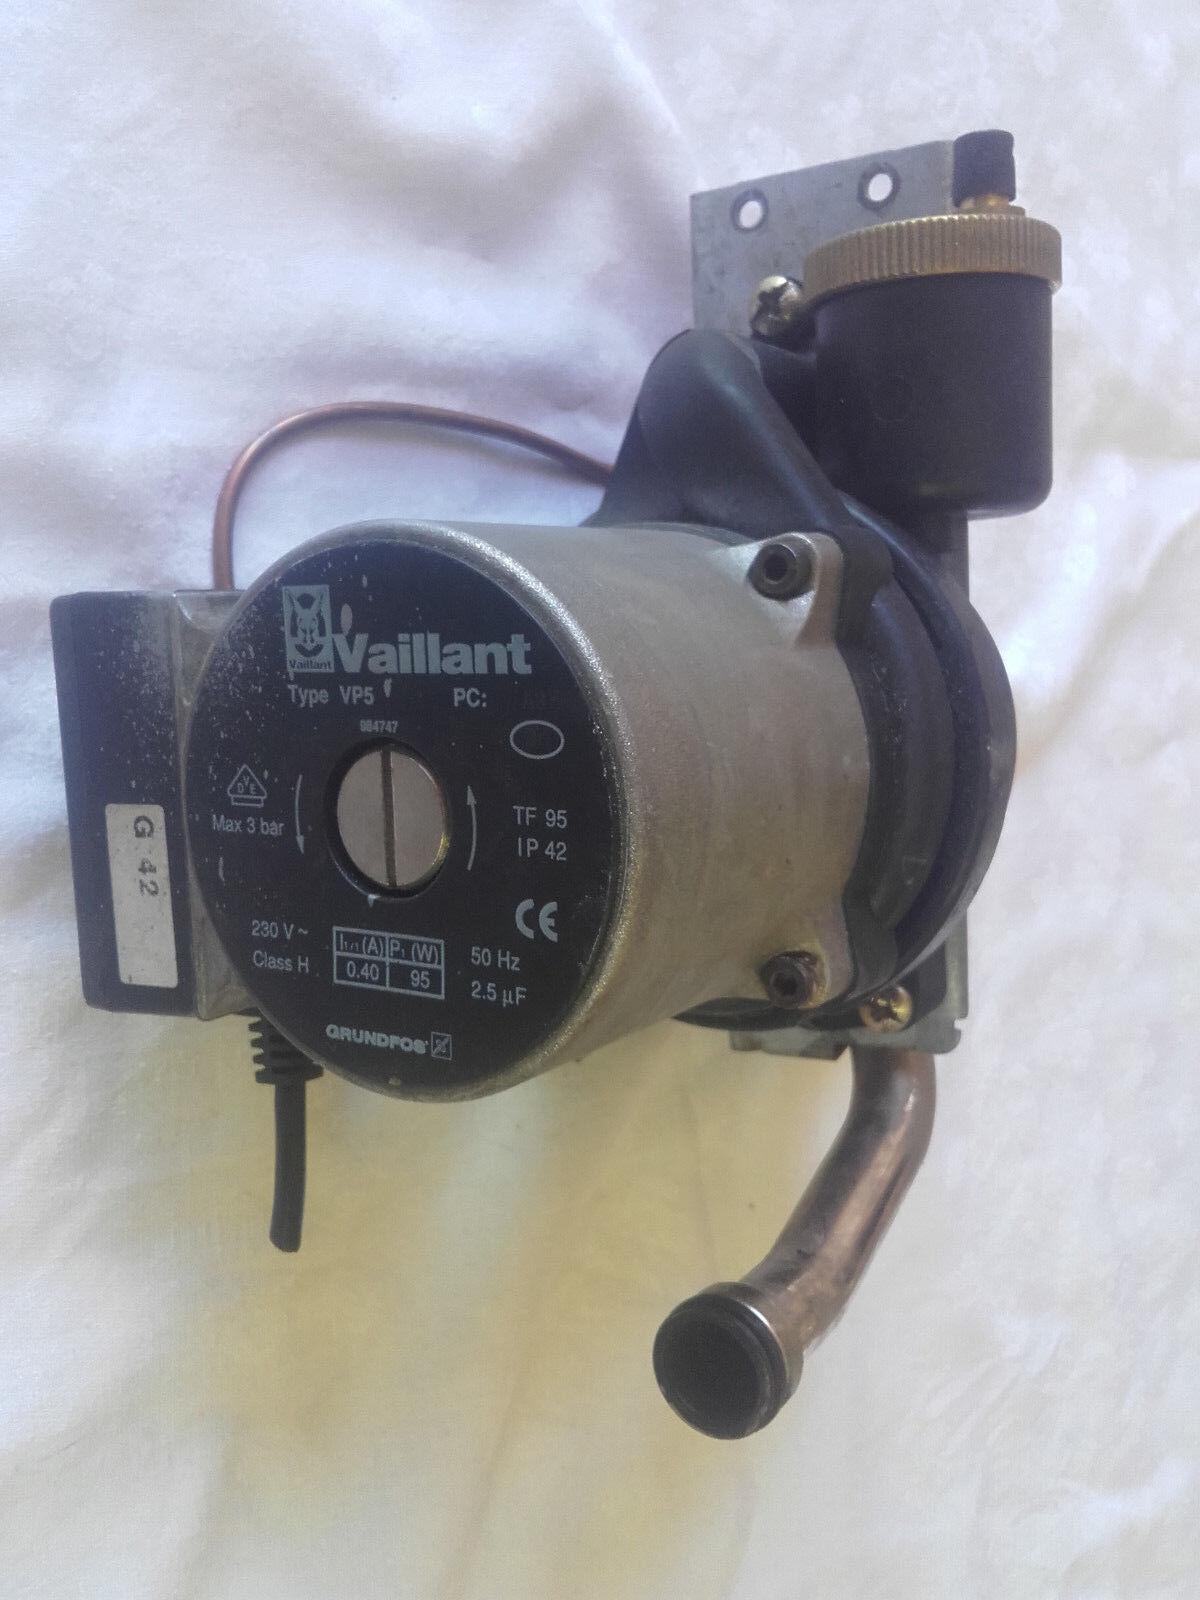 VC256  Vaillant Heizungspumpe / Umwälzpumpe Typ VP 5 5 5 Grundfos 5ad066